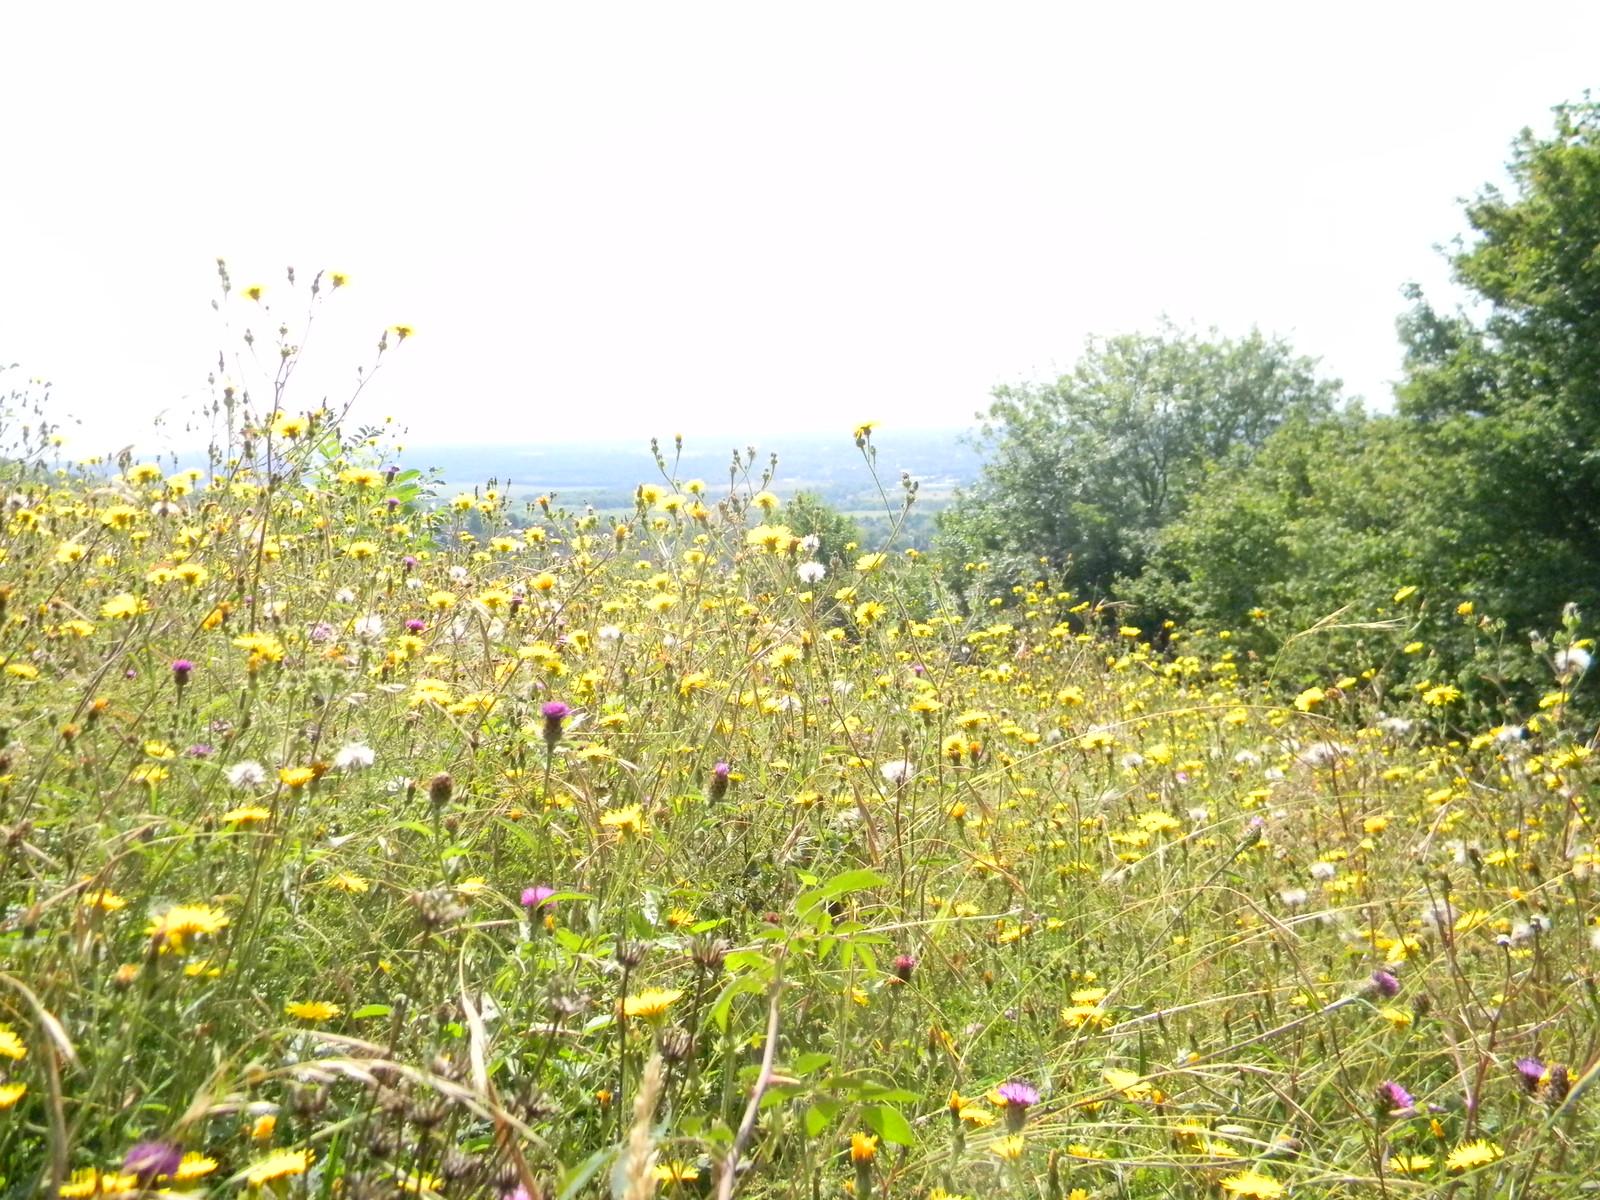 Wildflowers Meadows above Otford Eynsford Circular